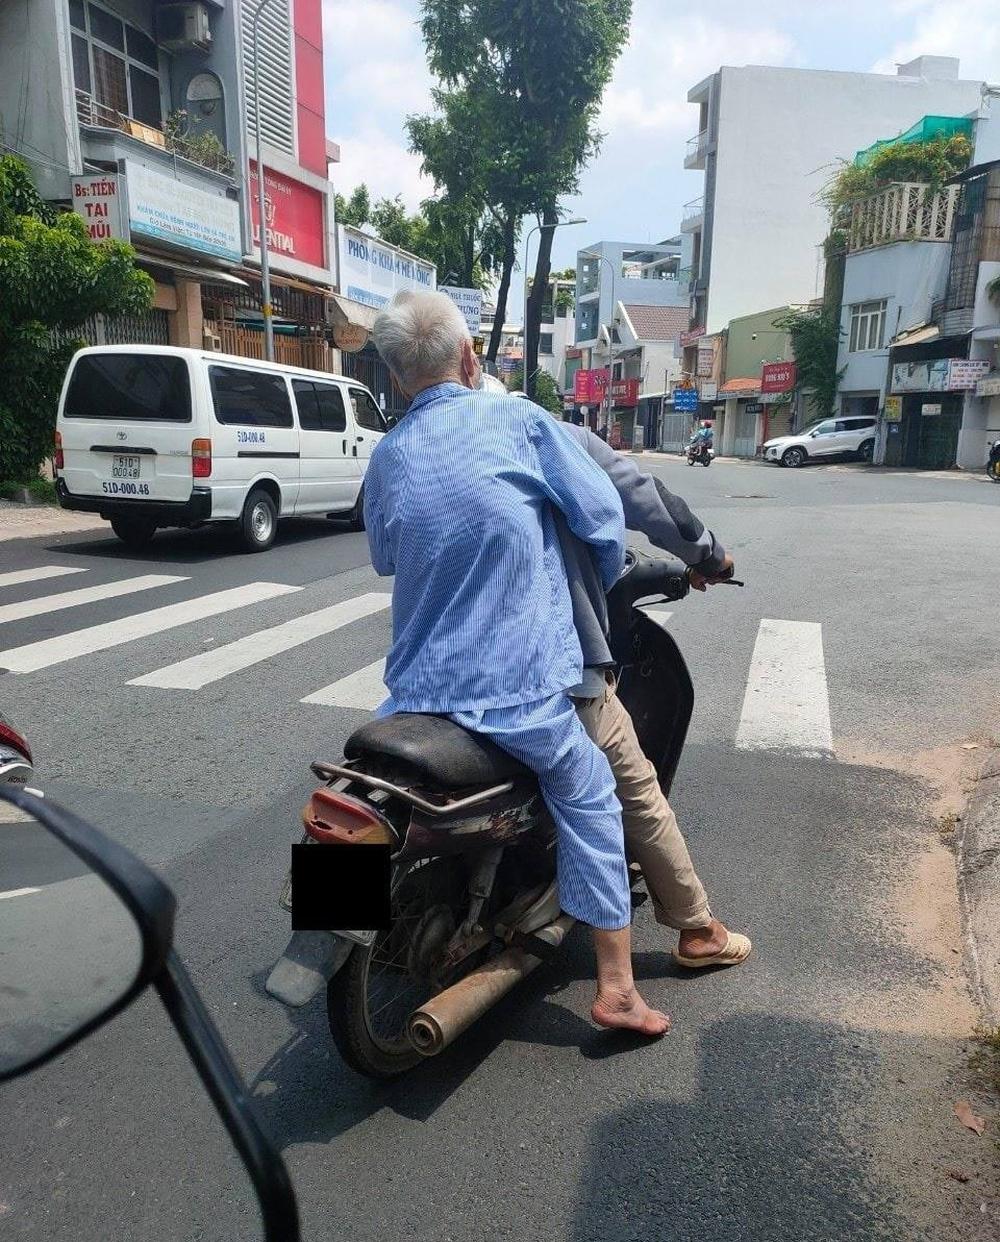 Chở cha già từ viện về nhà, sự luống cuống bất lực của con trai khiến người đi đường Sài Gòn phải dừng lại